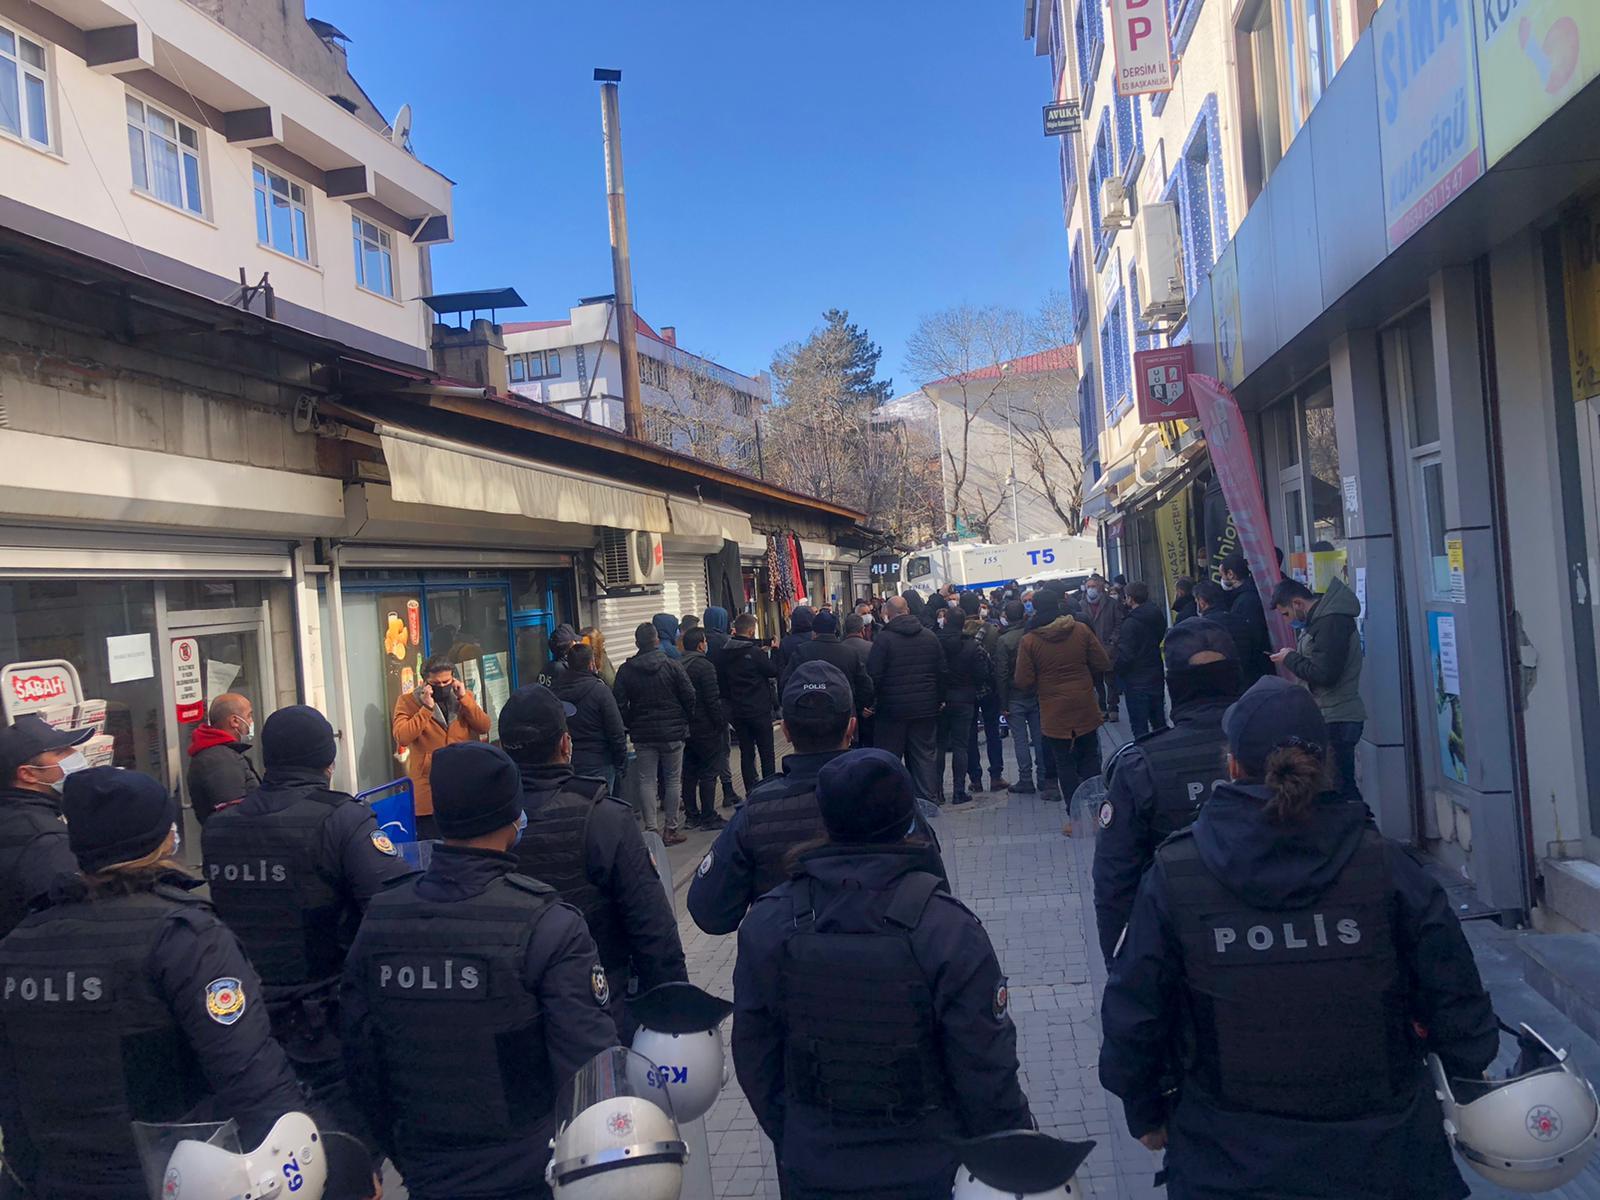 hdp'nin-aciklamasina-polis-ablukasi-(6).jpg